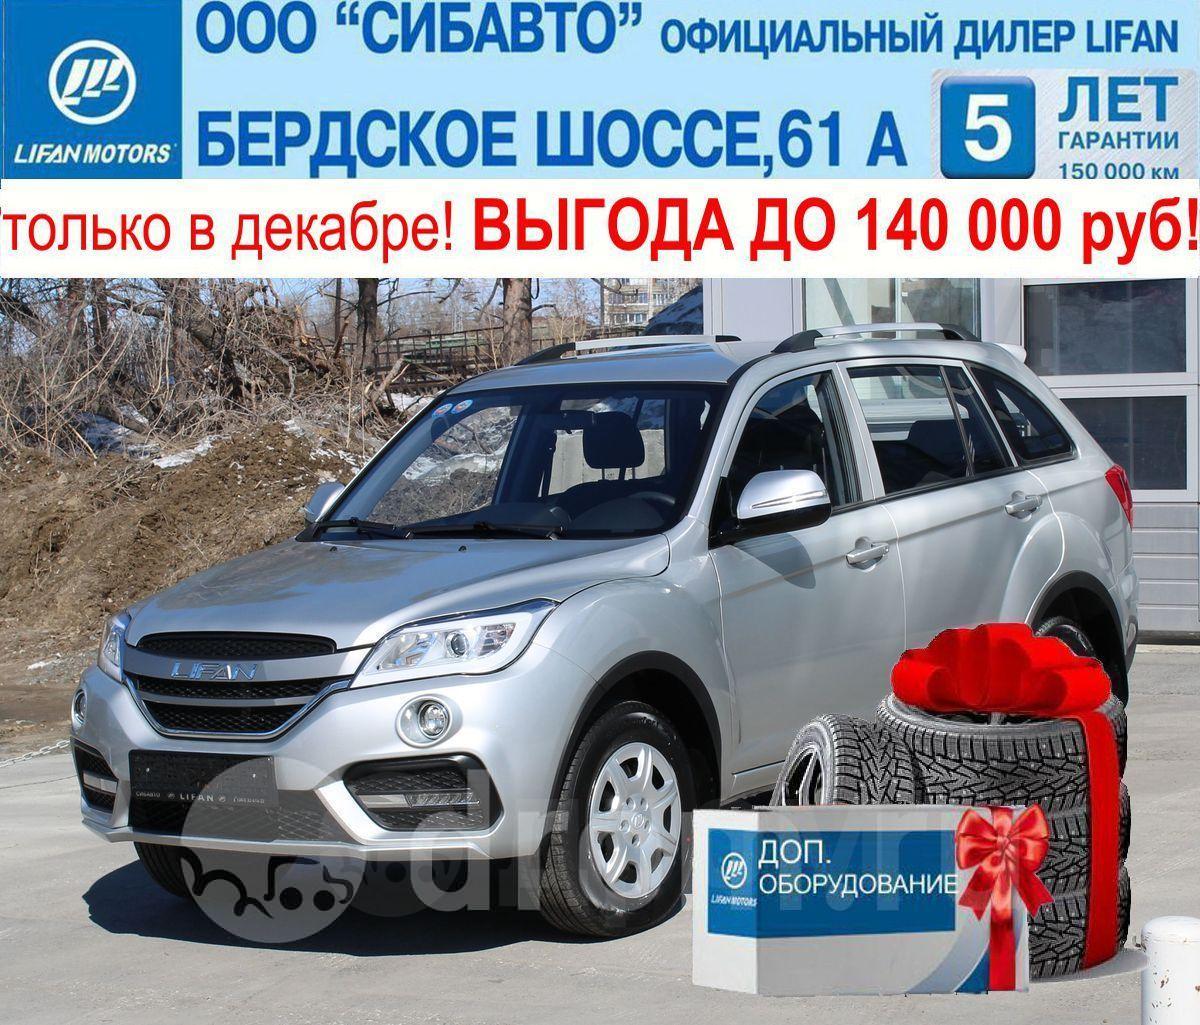 Подать объявление о продажи автомашины в новосибирске ищу работу няни в новосибирске частные объявления